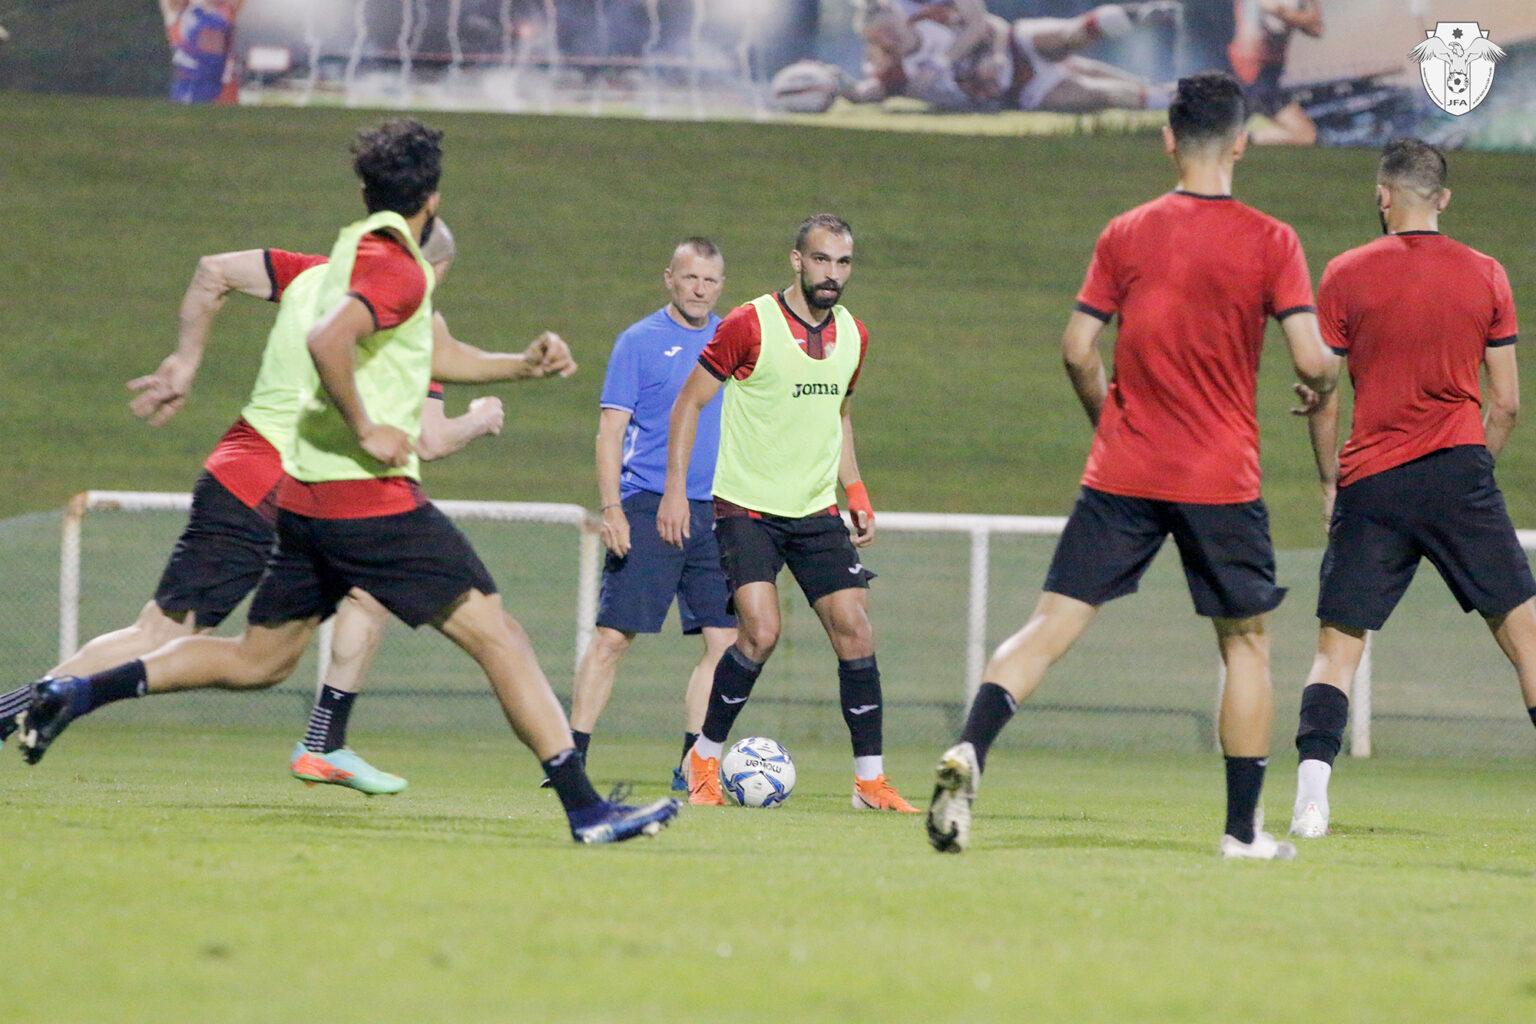 بهاء فيصل: الأردن سيكون رقما صعبا في كأس العرب